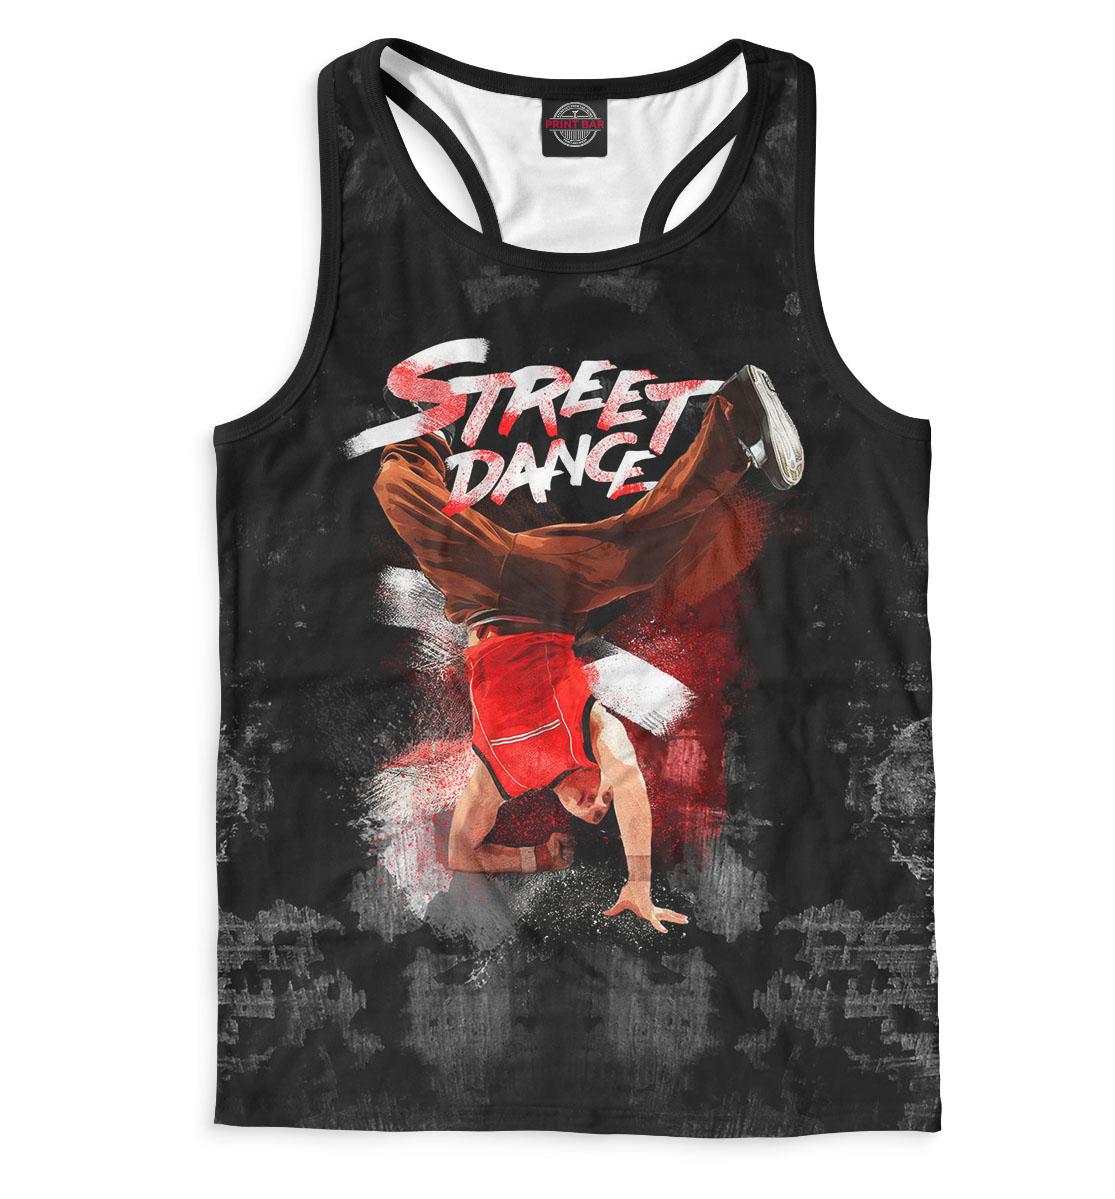 Купить Street Dance, Printbar, Майки борцовки, DNC-715138-mayb-2